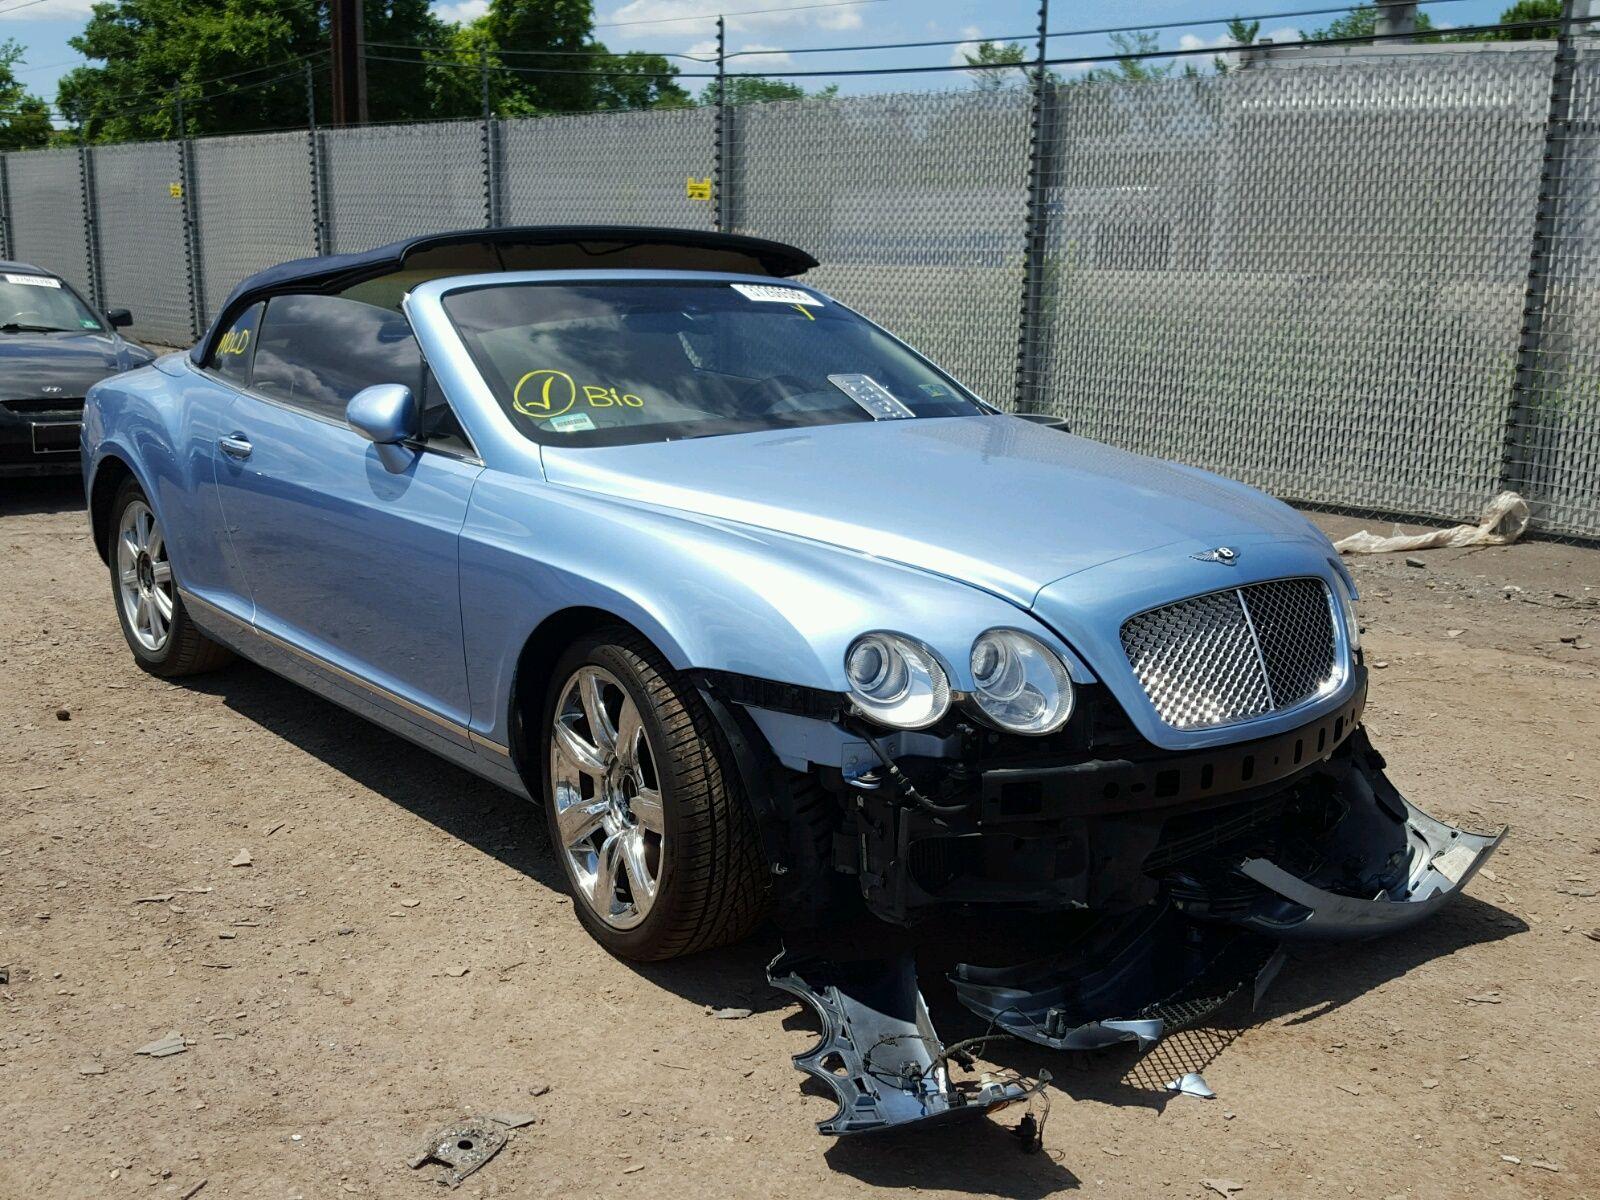 Wrecked Bentley